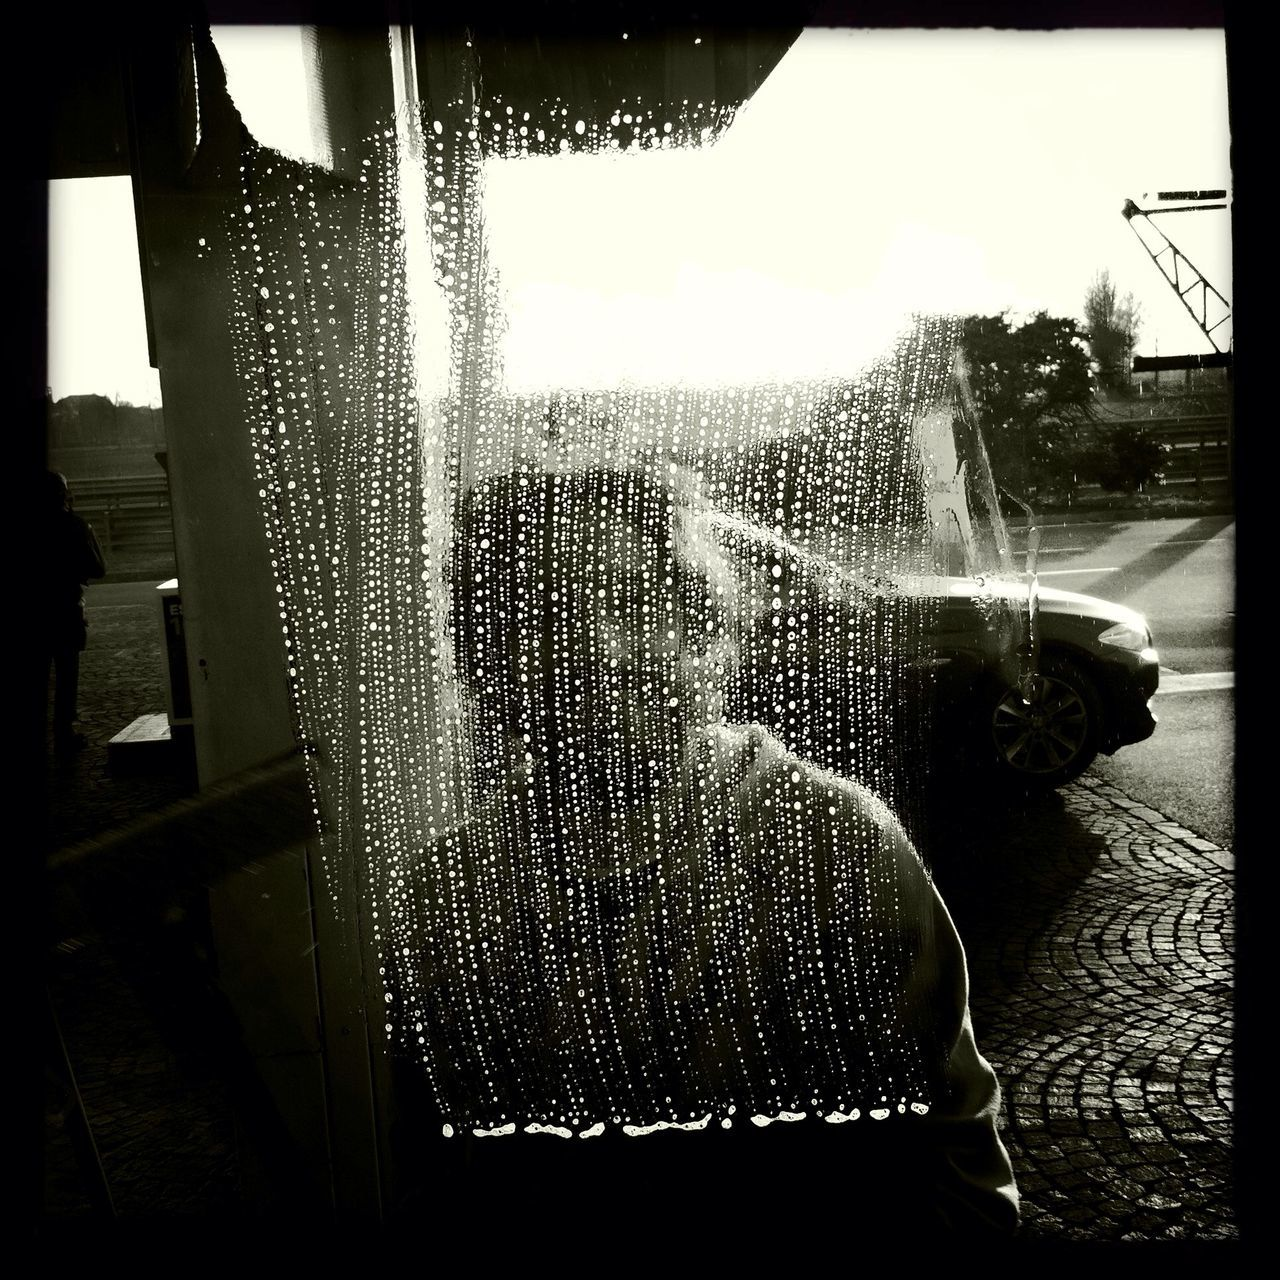 Man seen through wet glass window